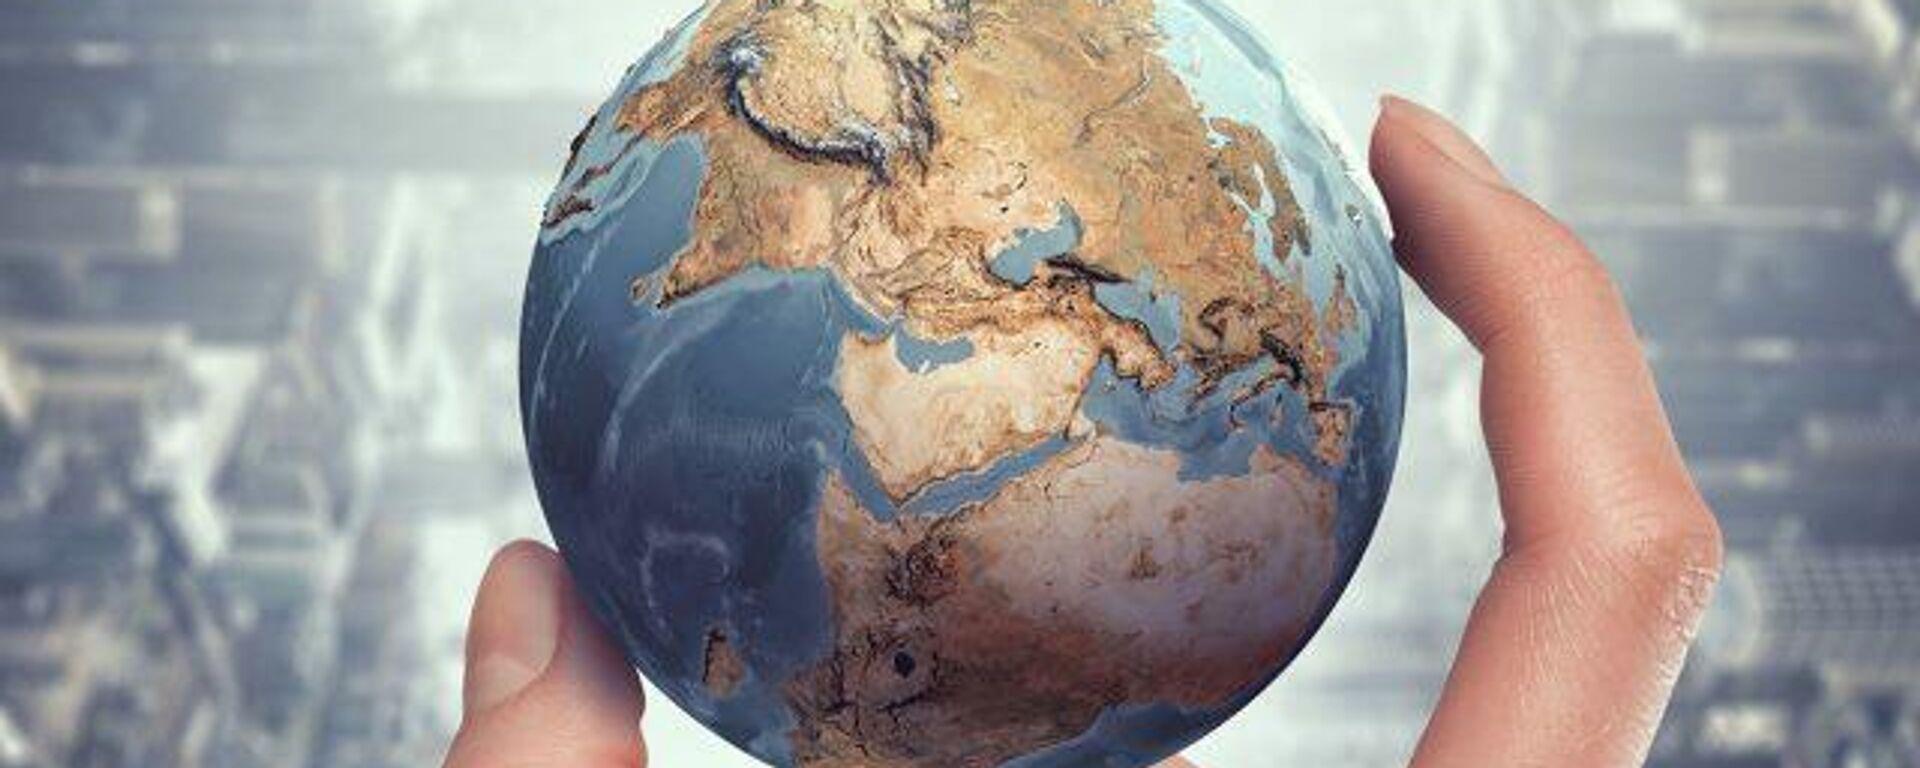 El gran problema del mundo musulmán hoy es el fundamentalismo - Sputnik Mundo, 1920, 27.08.2021